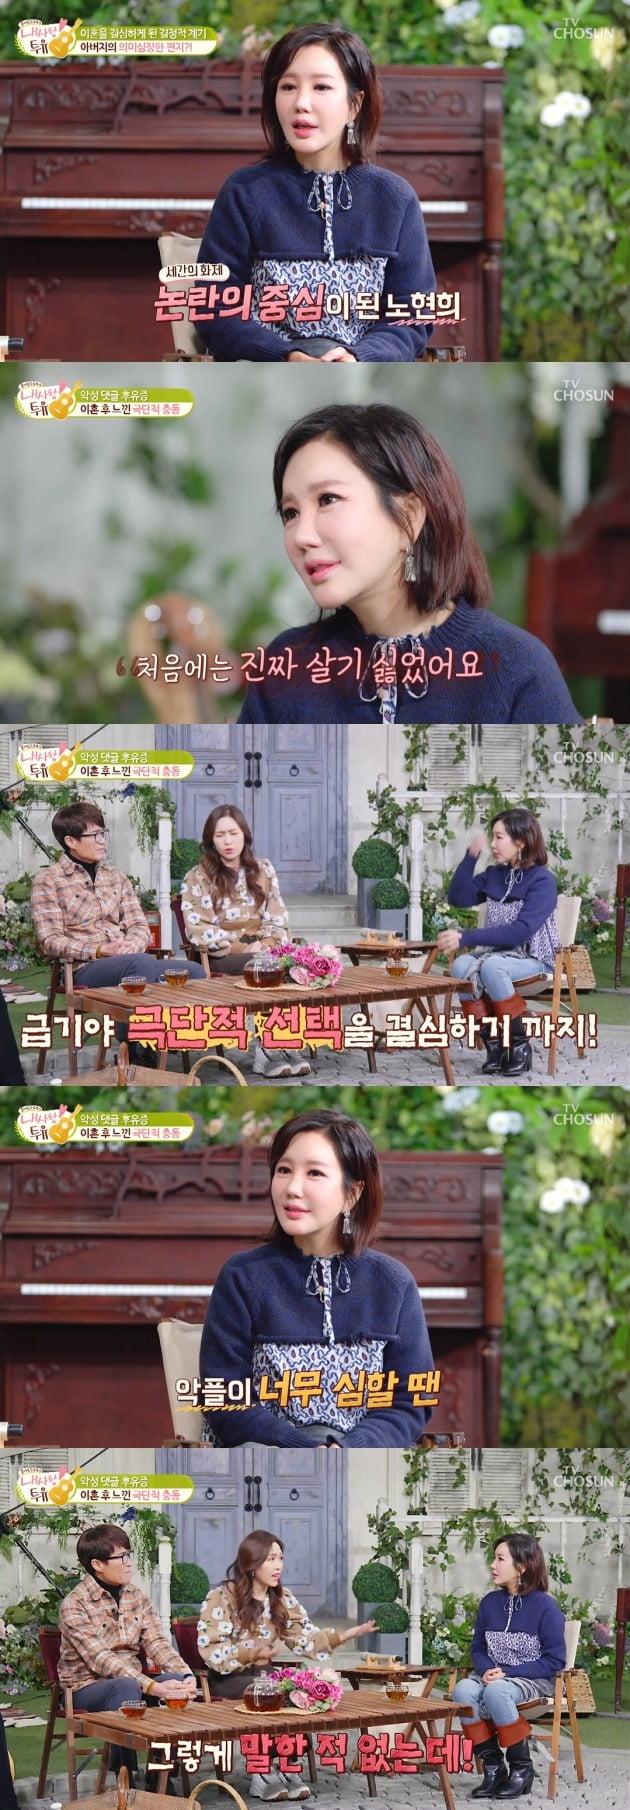 노현희가 '내 사랑 투유'에 출연했다. / 사진=TV조선 방송 캡처